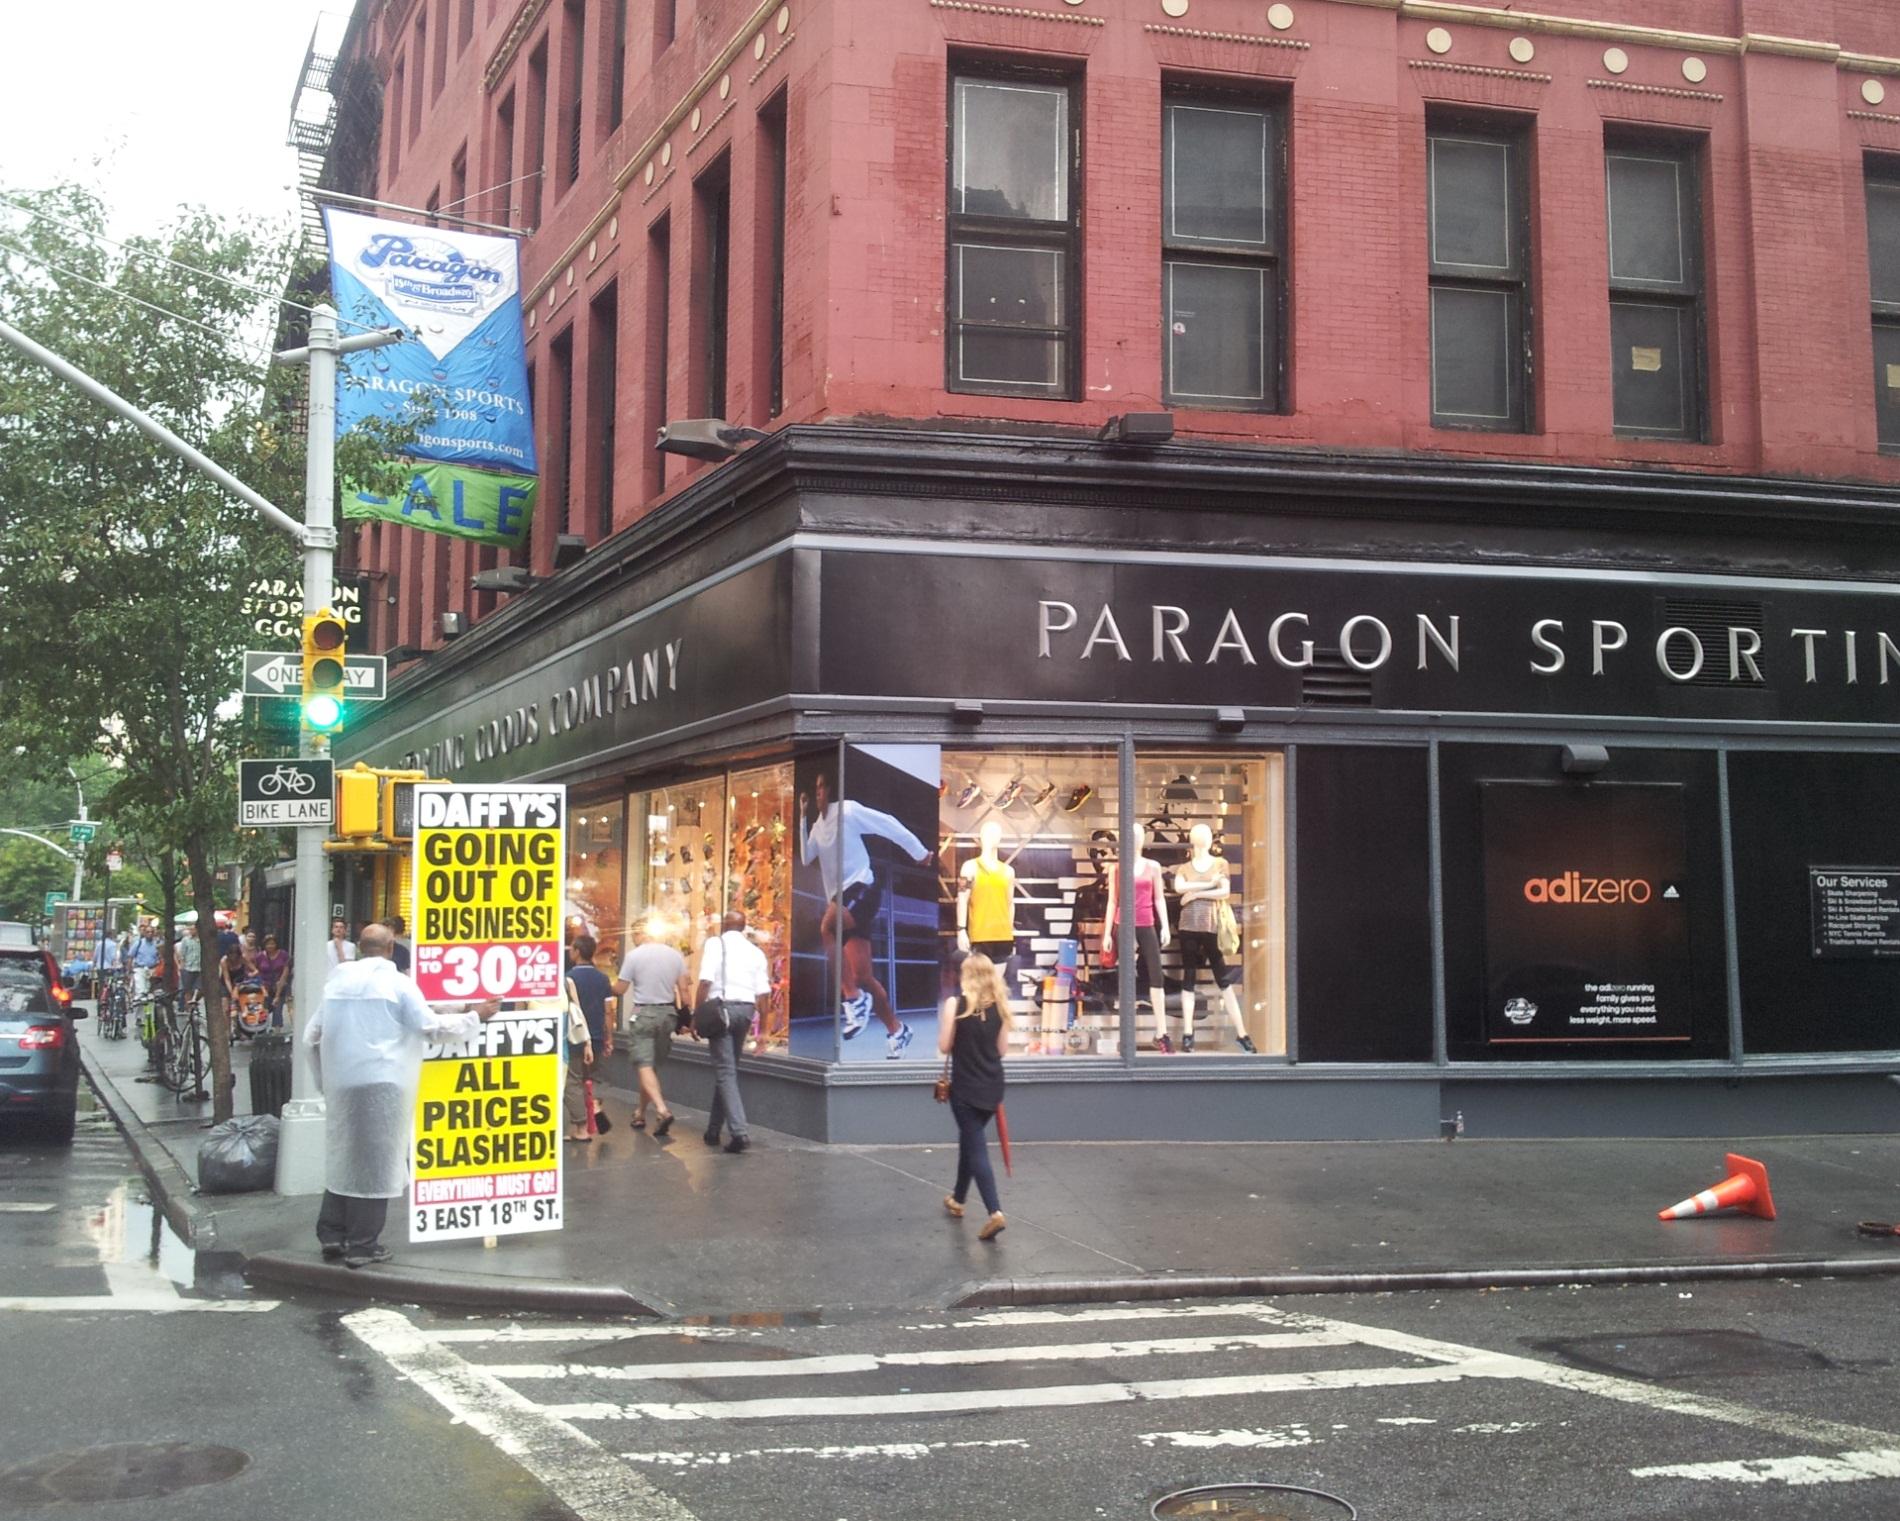 פרגון ספורט - חנות מומלצת מבחינת מחיר ושירות